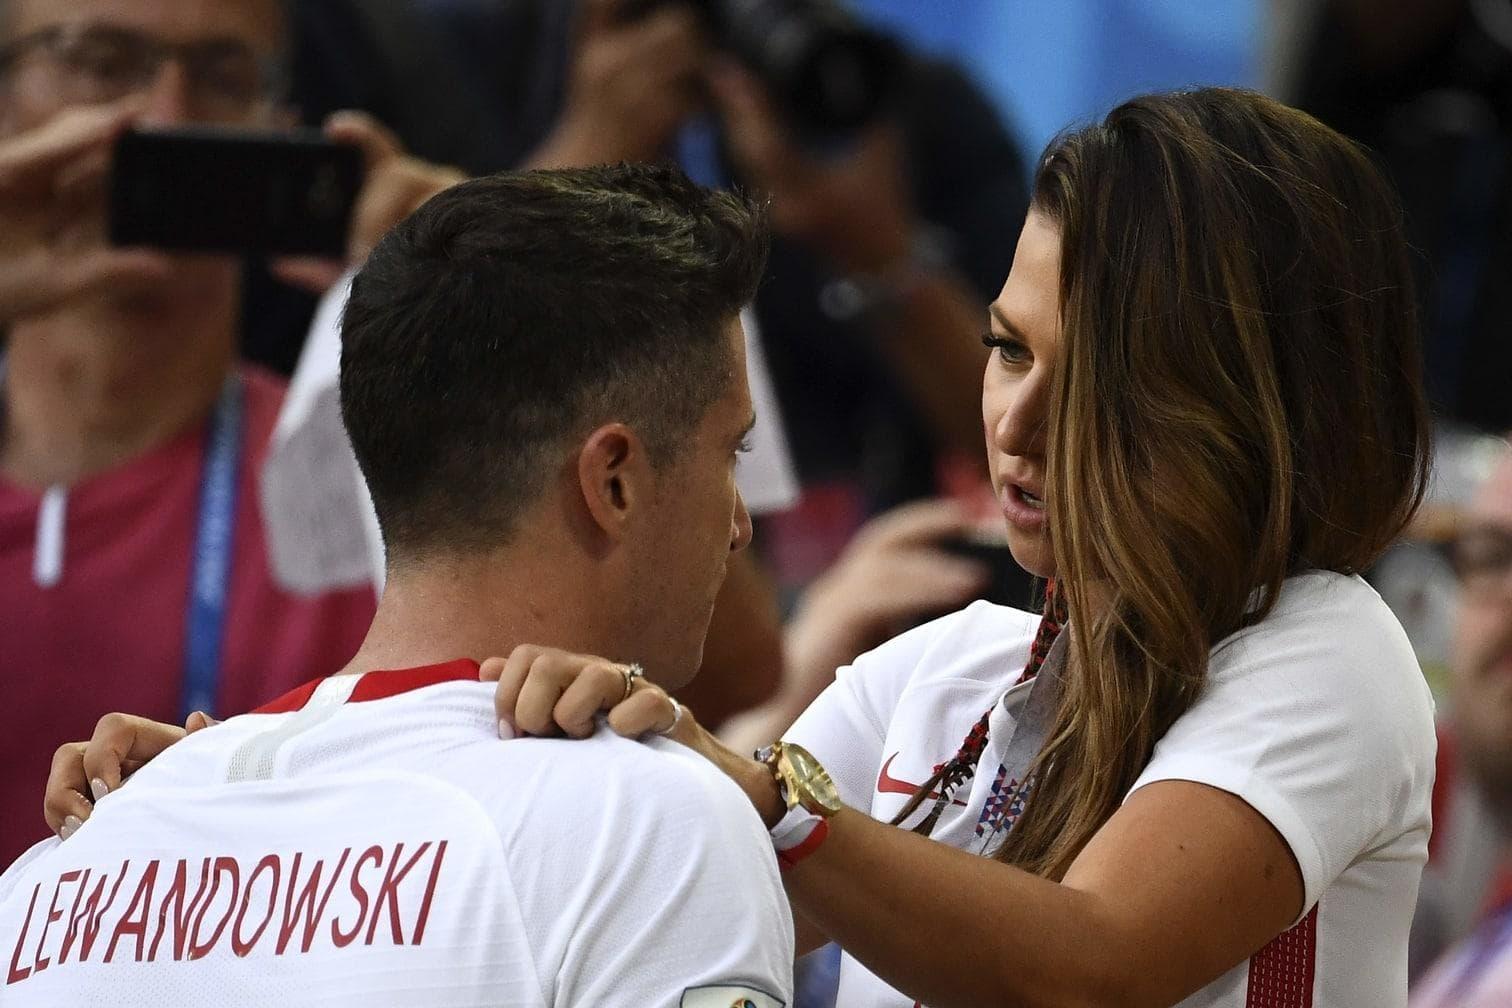 <p>Der Superstar des FC Bayern München brauchte nach dem kapitalen WM-Fehlstart der polnischen Fußball-Nationalmannschaft viel Trost.</p> Foto: afp